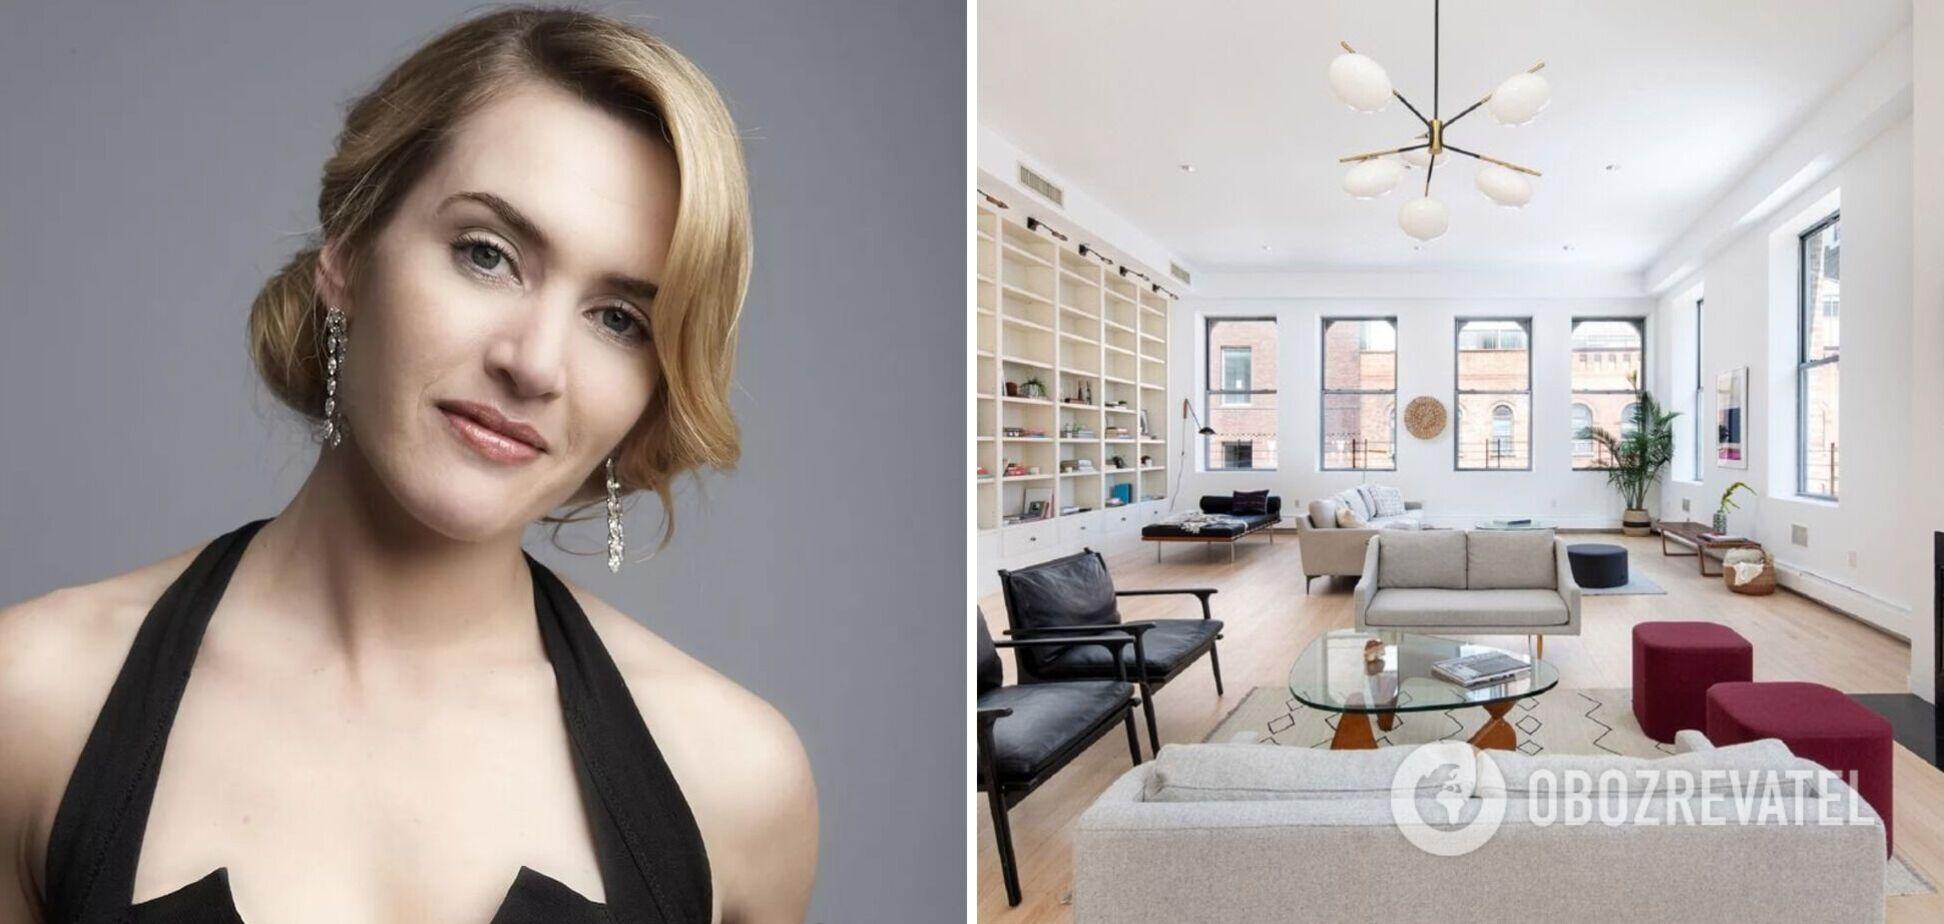 Кейт Вінслет продала пентхаус за $5,7 млн: як він виглядає зсередини